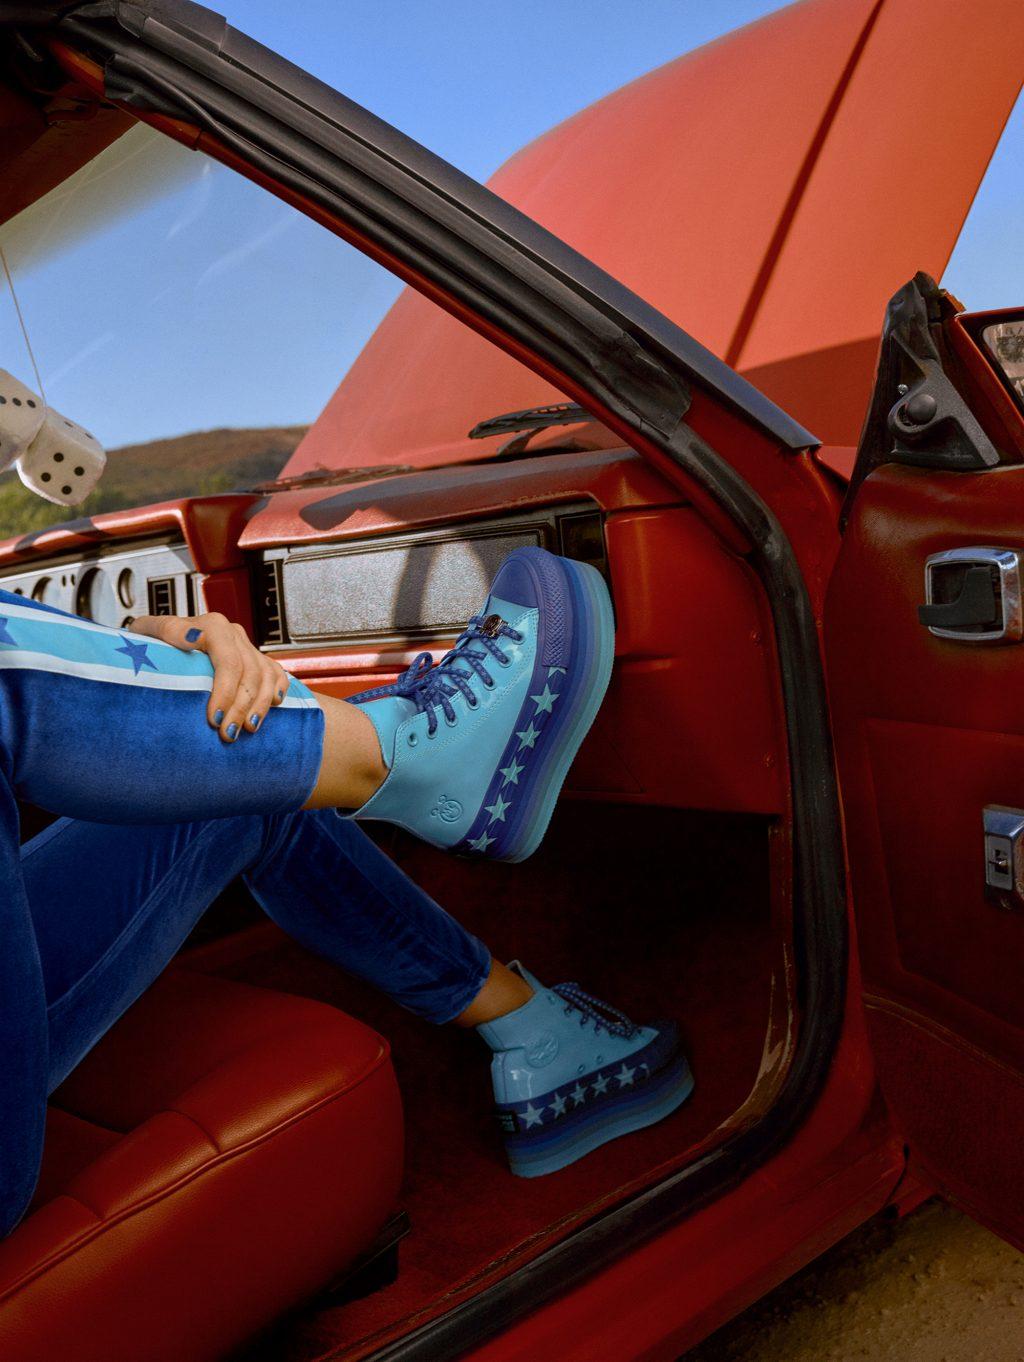 Converse bắt tay ca sĩ Miley Cyrus cho ra mắt BST Incubate trong mùa HO18 6